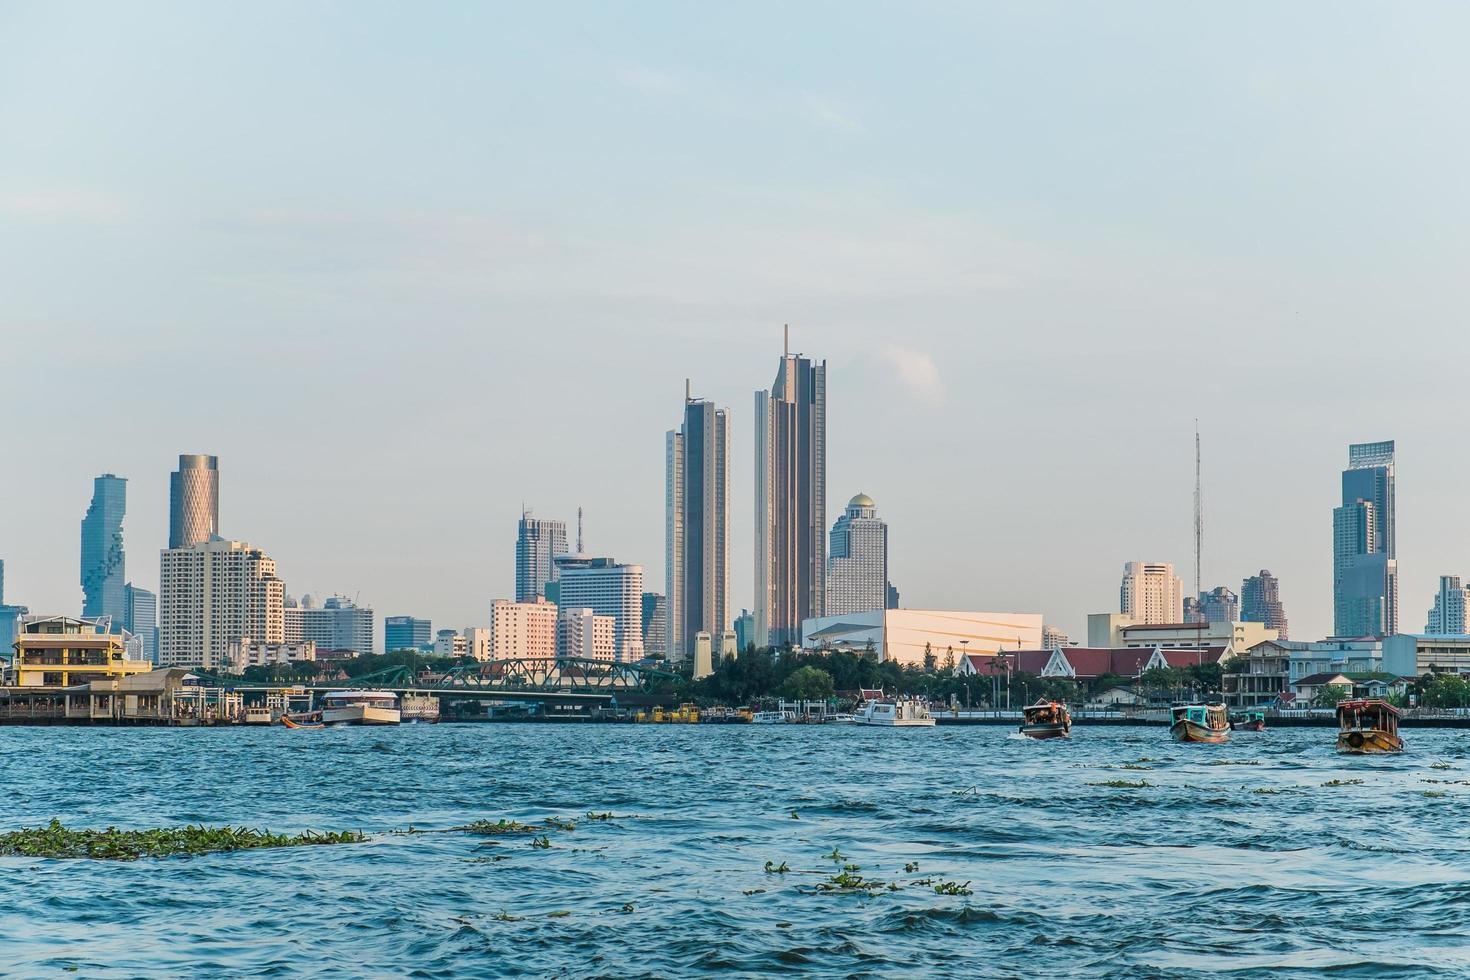 vista del paisaje de edificios en la orilla del río Chao Phraya foto